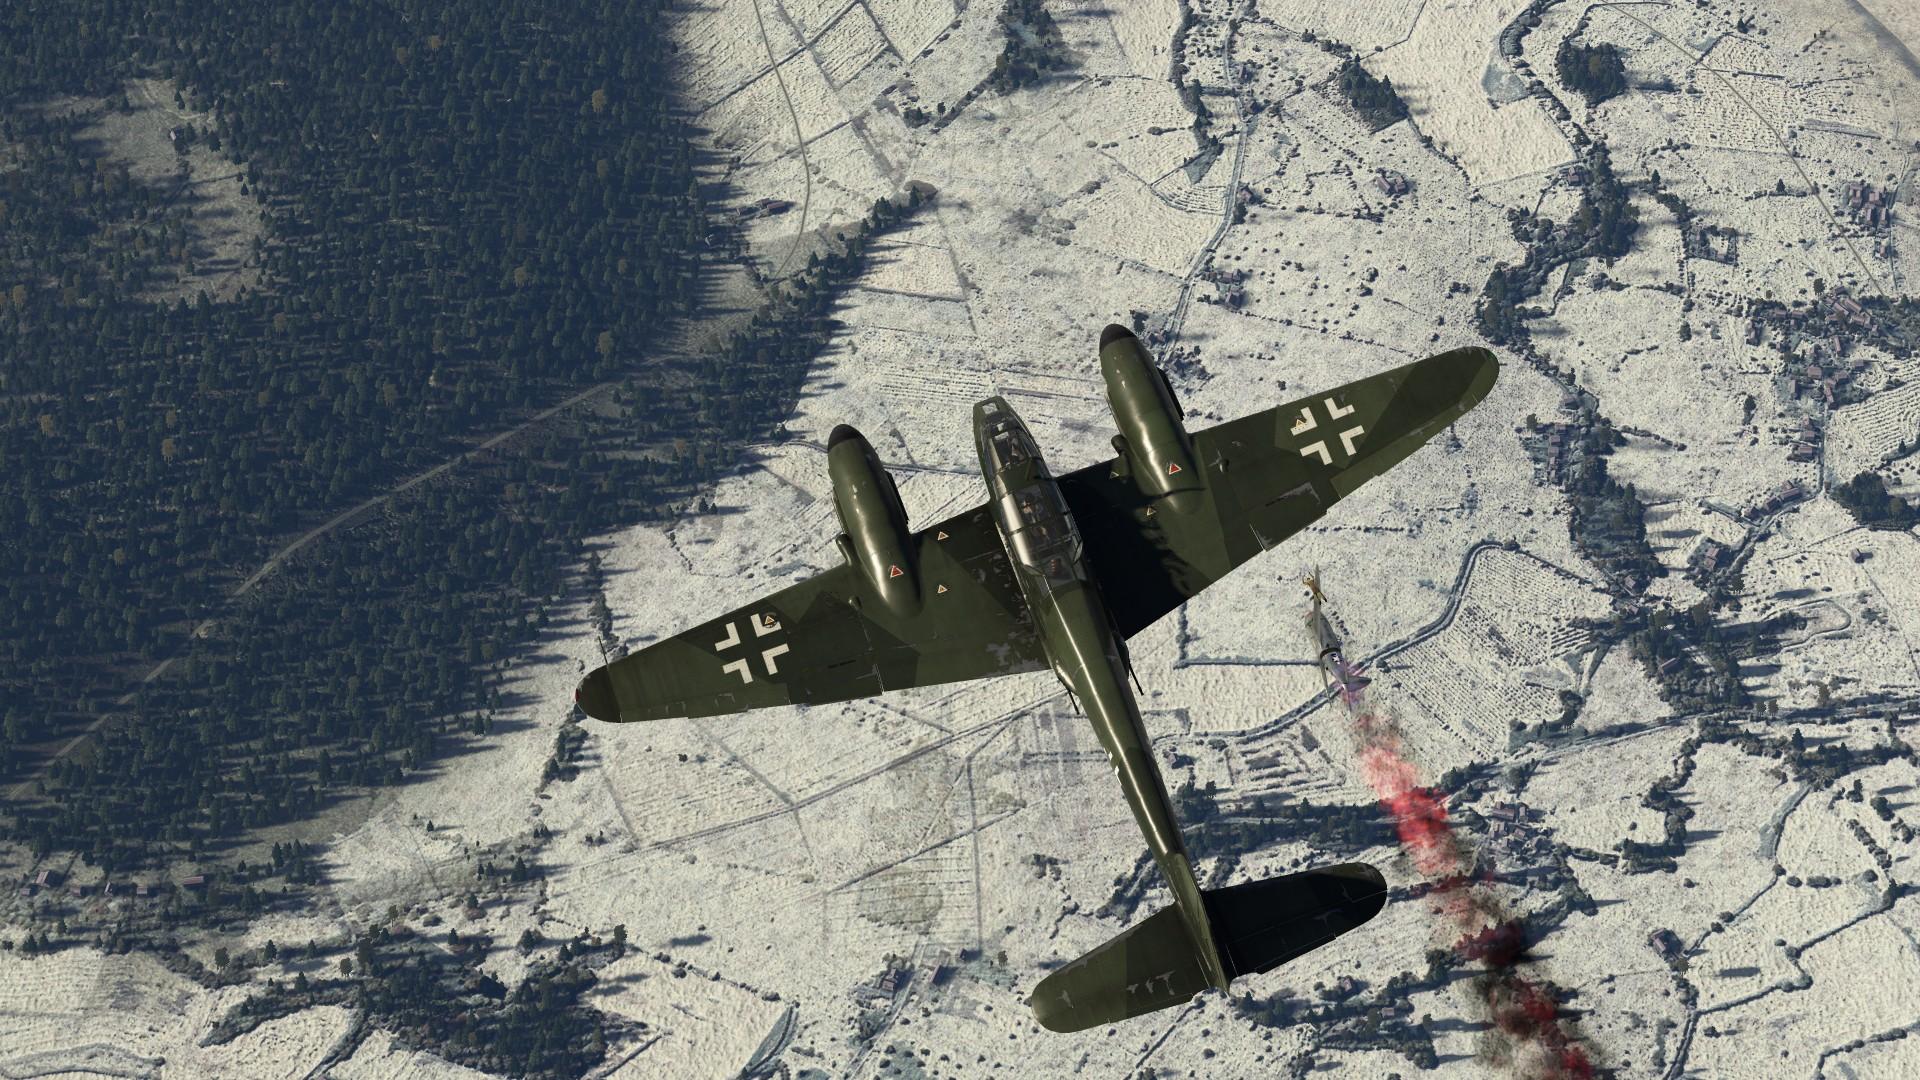 Обои Ме-410, war thunder, Самолёт, истребитель, война, Облака. Игры foto 18